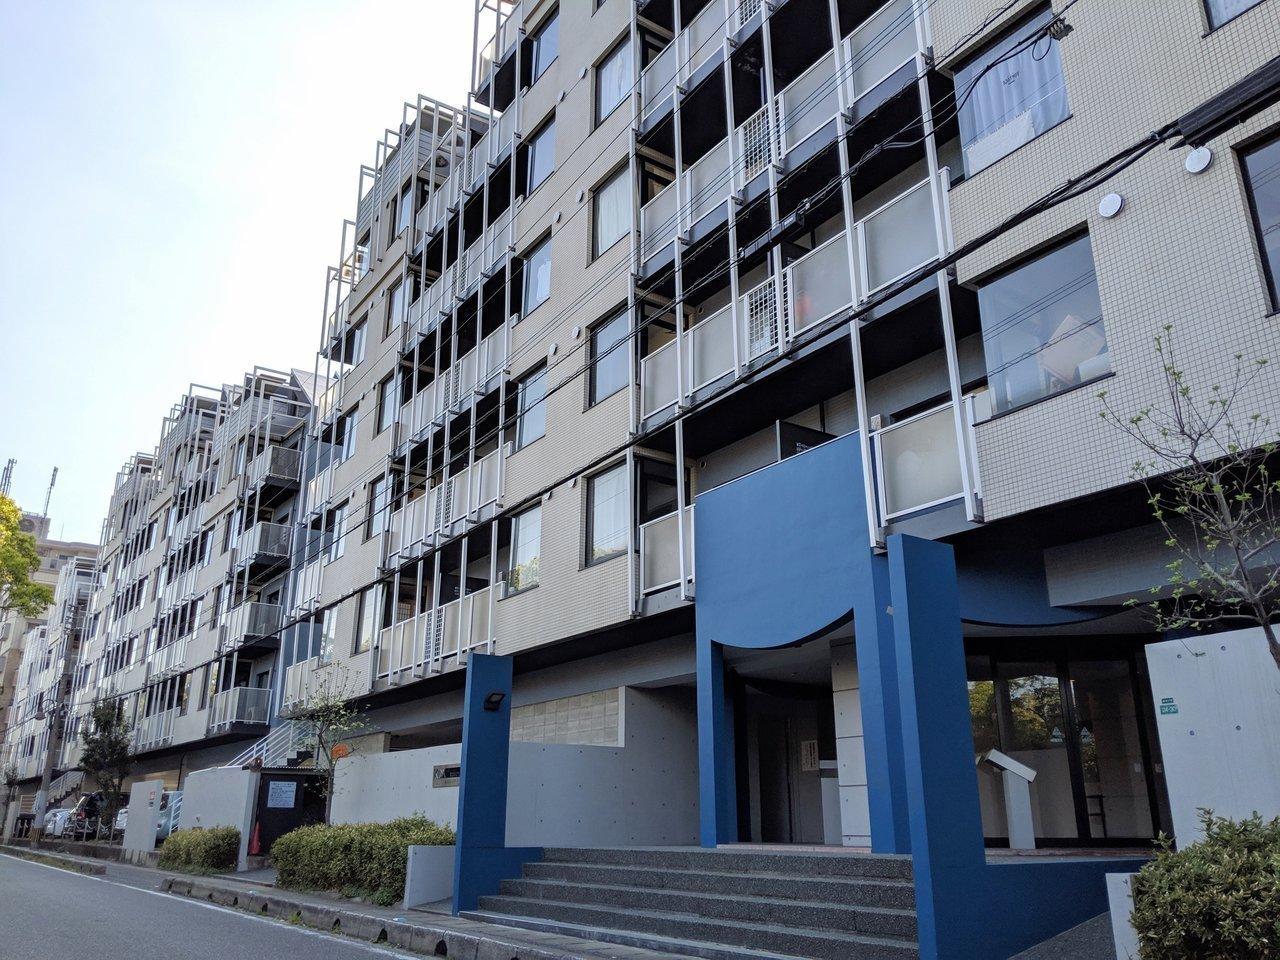 マリナ通り沿いに建つ、ひときわ目立つモダンな建物。気になってた方も多いのではないでしょうか。賃貸のお部屋があるということなので、堂々と内見します。